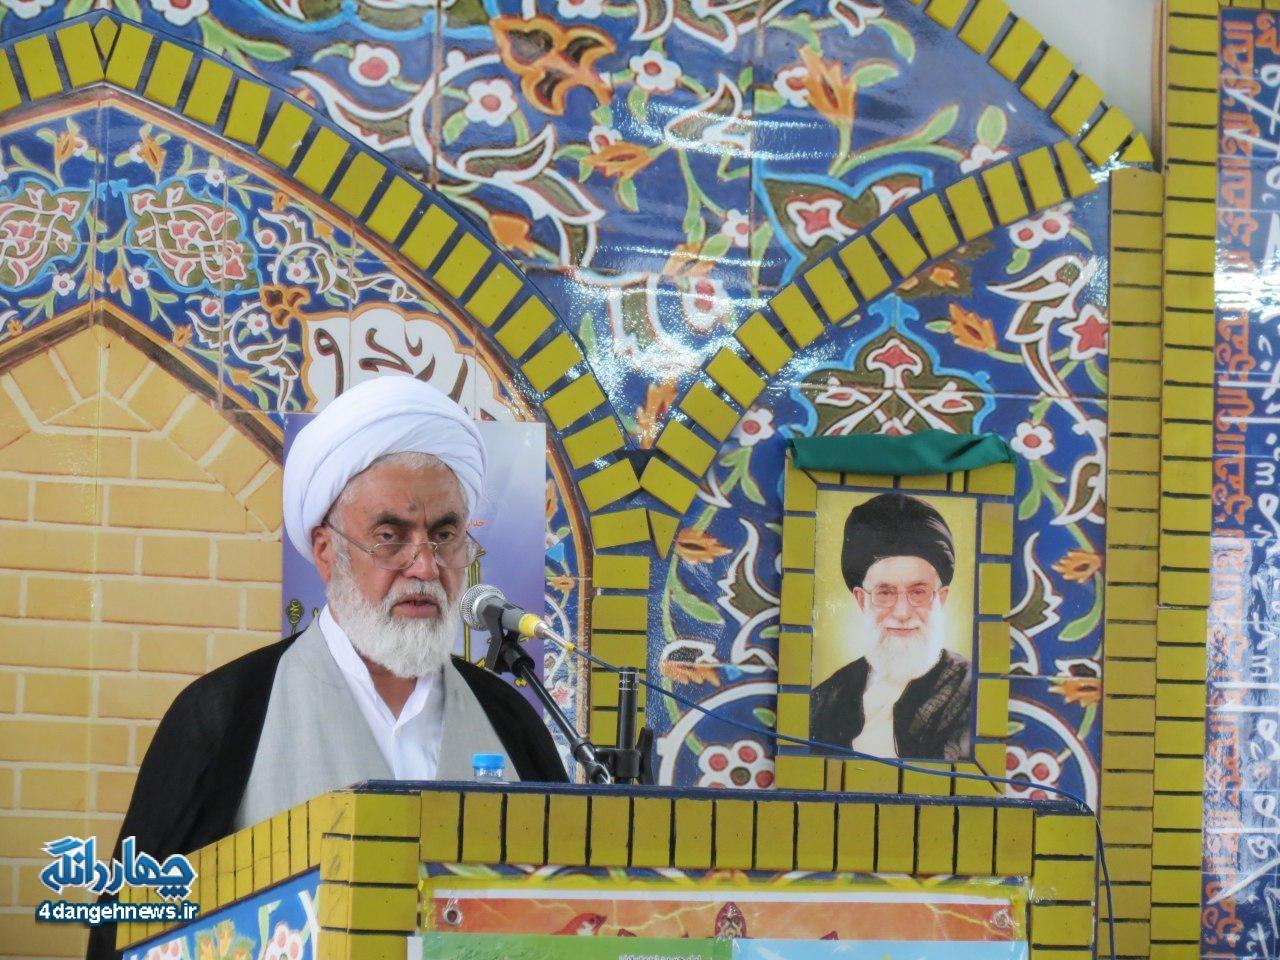 گزارش تصویری نمازجمعه بخش چهاردانگه - 26 خرداد1396